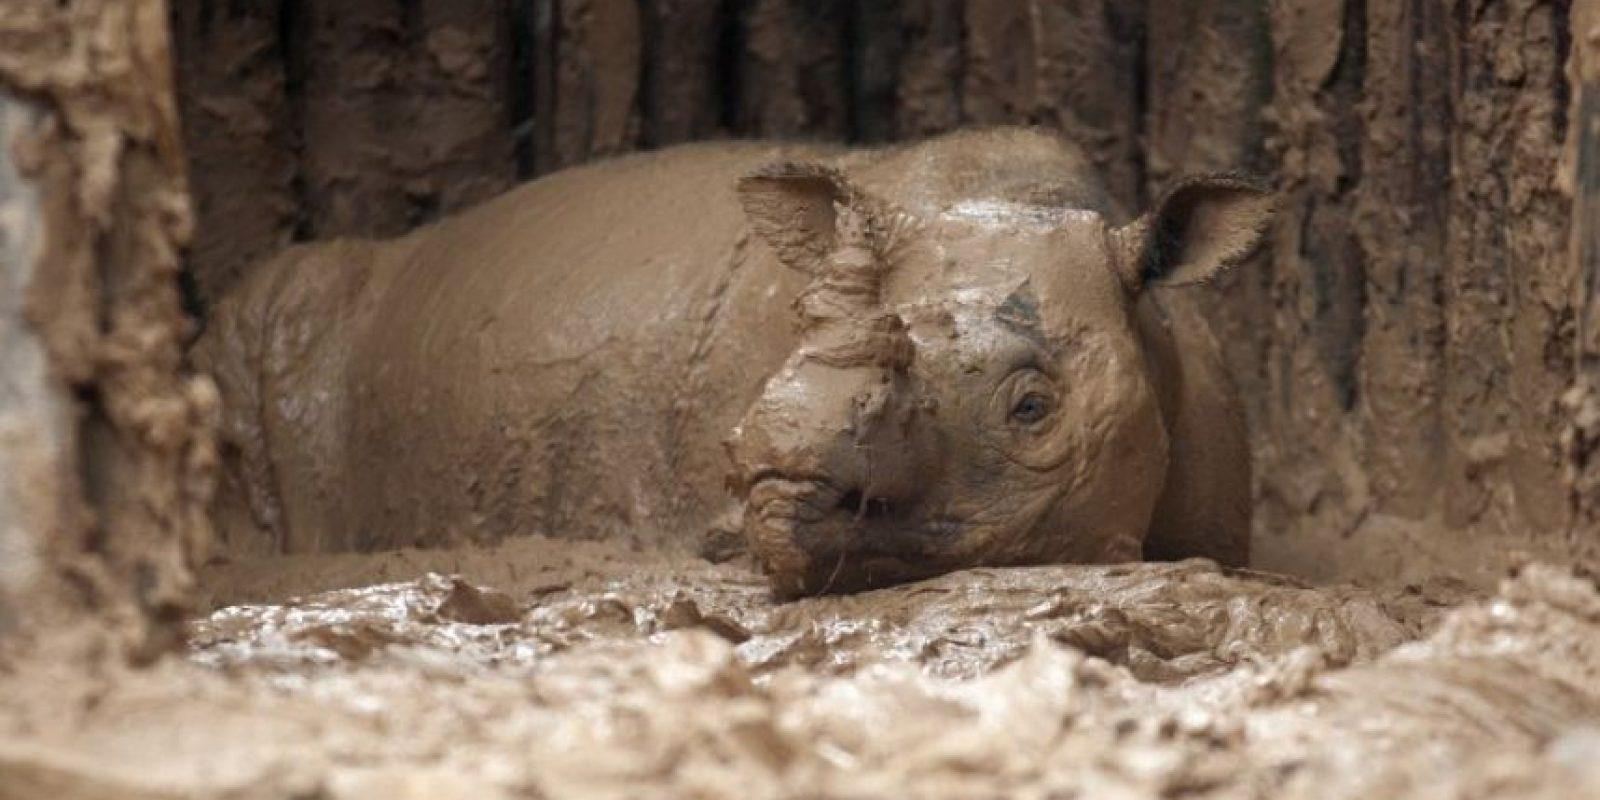 La rinoceronte fue encontrada en una jaula Foto:AFP